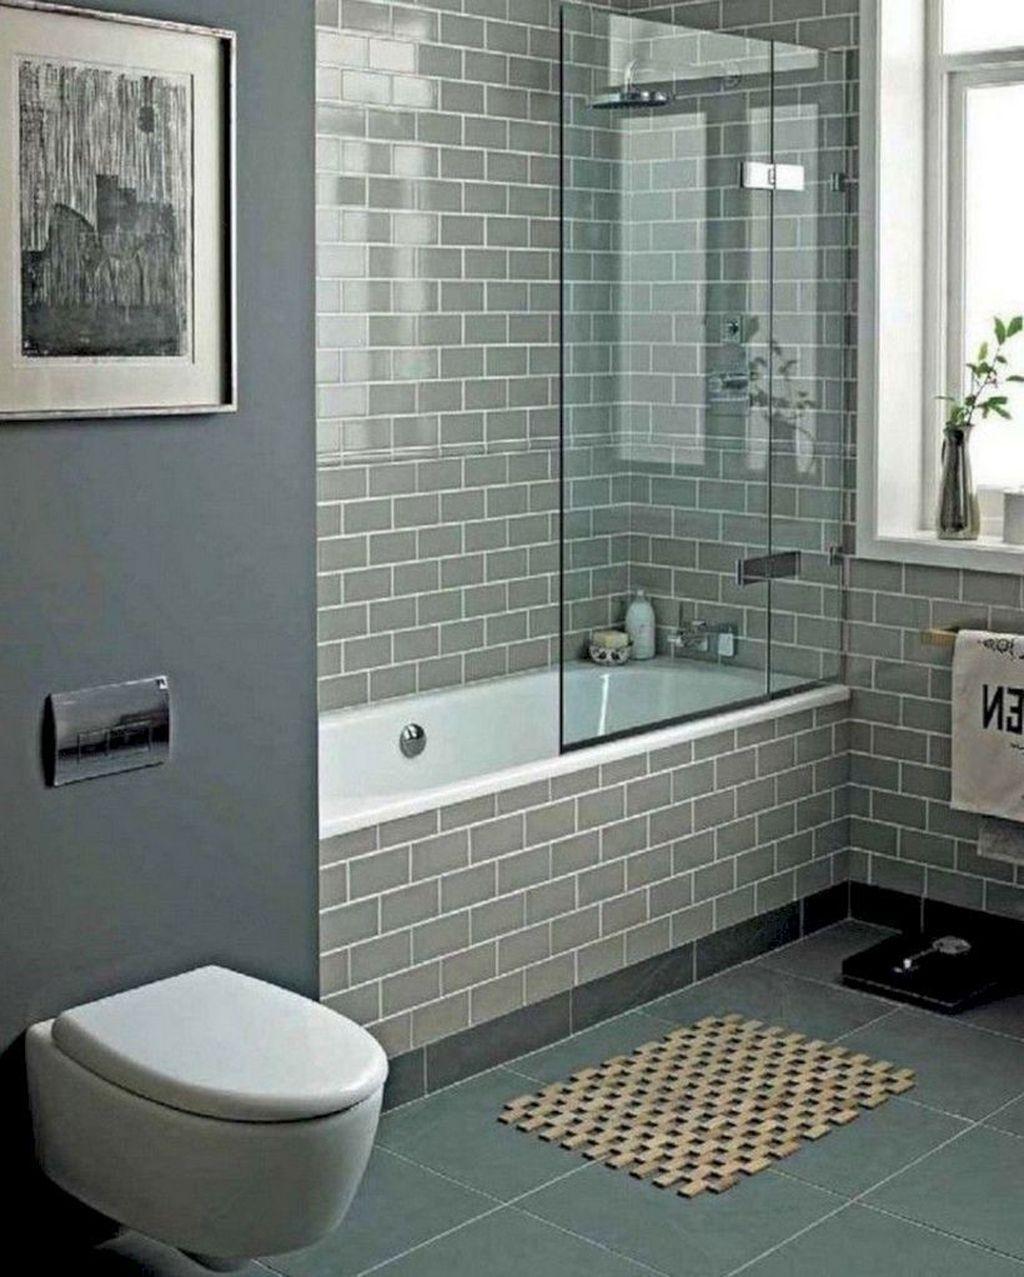 Bathroom Decor Looks Bathroom Decor 1950s Bathroom Decor Australia Bathroo In 2020 Badezimmer Innenausstattung Badezimmer Renovierungen Minimalistisches Badezimmer